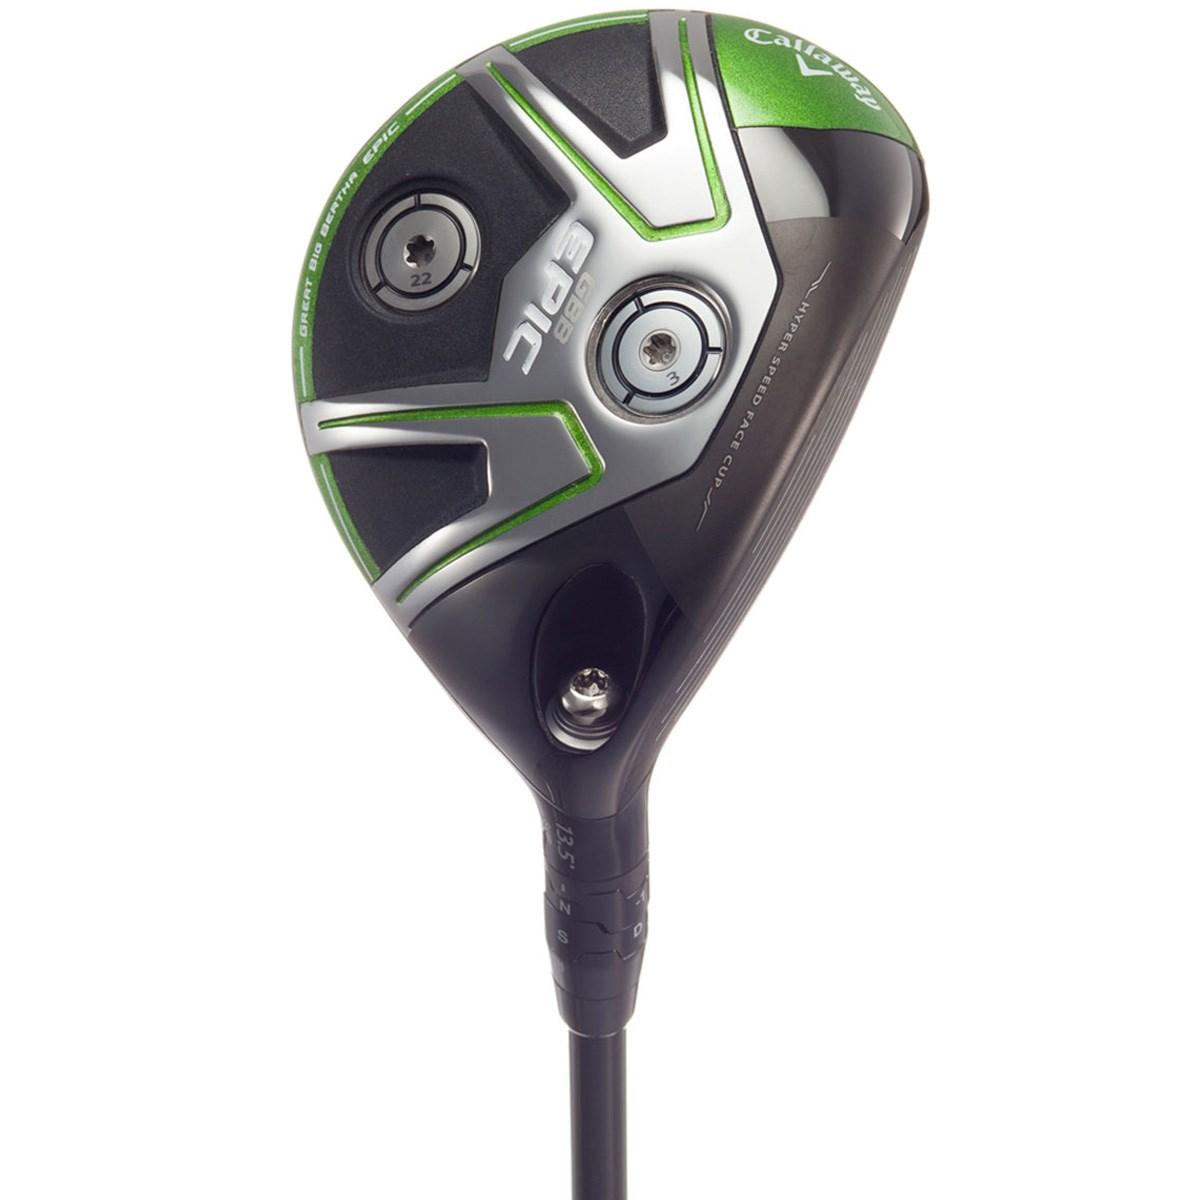 キャロウェイゴルフ(Callaway Golf) GBB エピック サブゼロ フェアウェイウッド Speeder Evolution III FW60